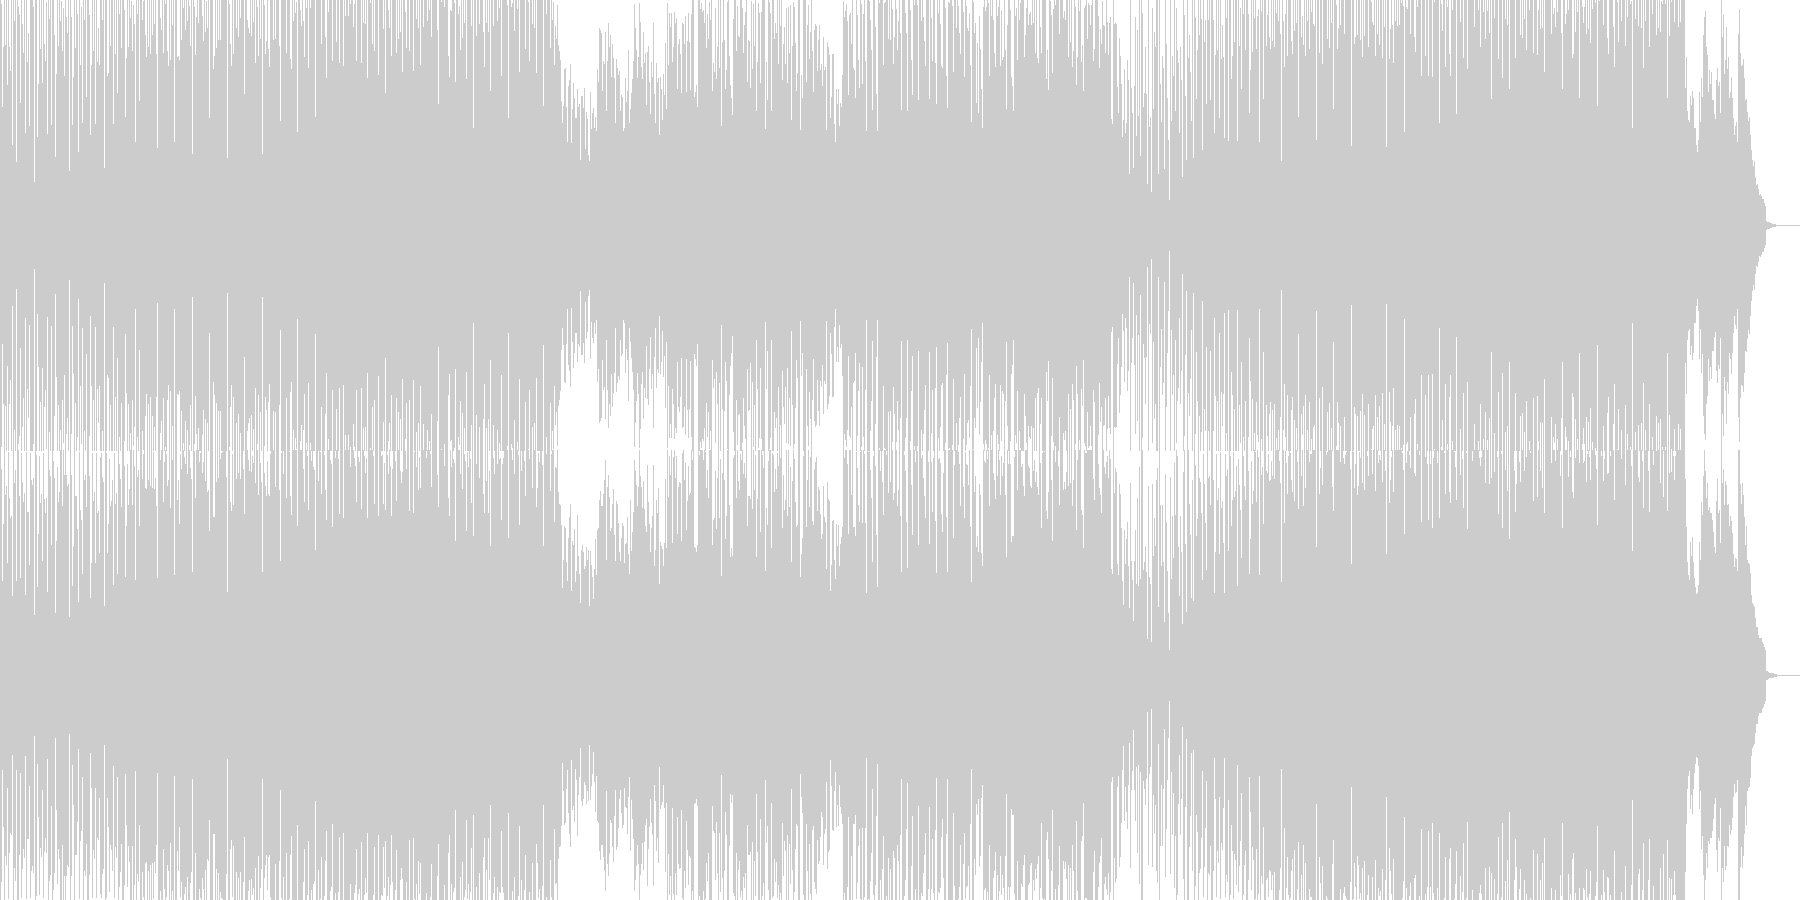 オシャレでシンプルなダンスミュージックの未再生の波形